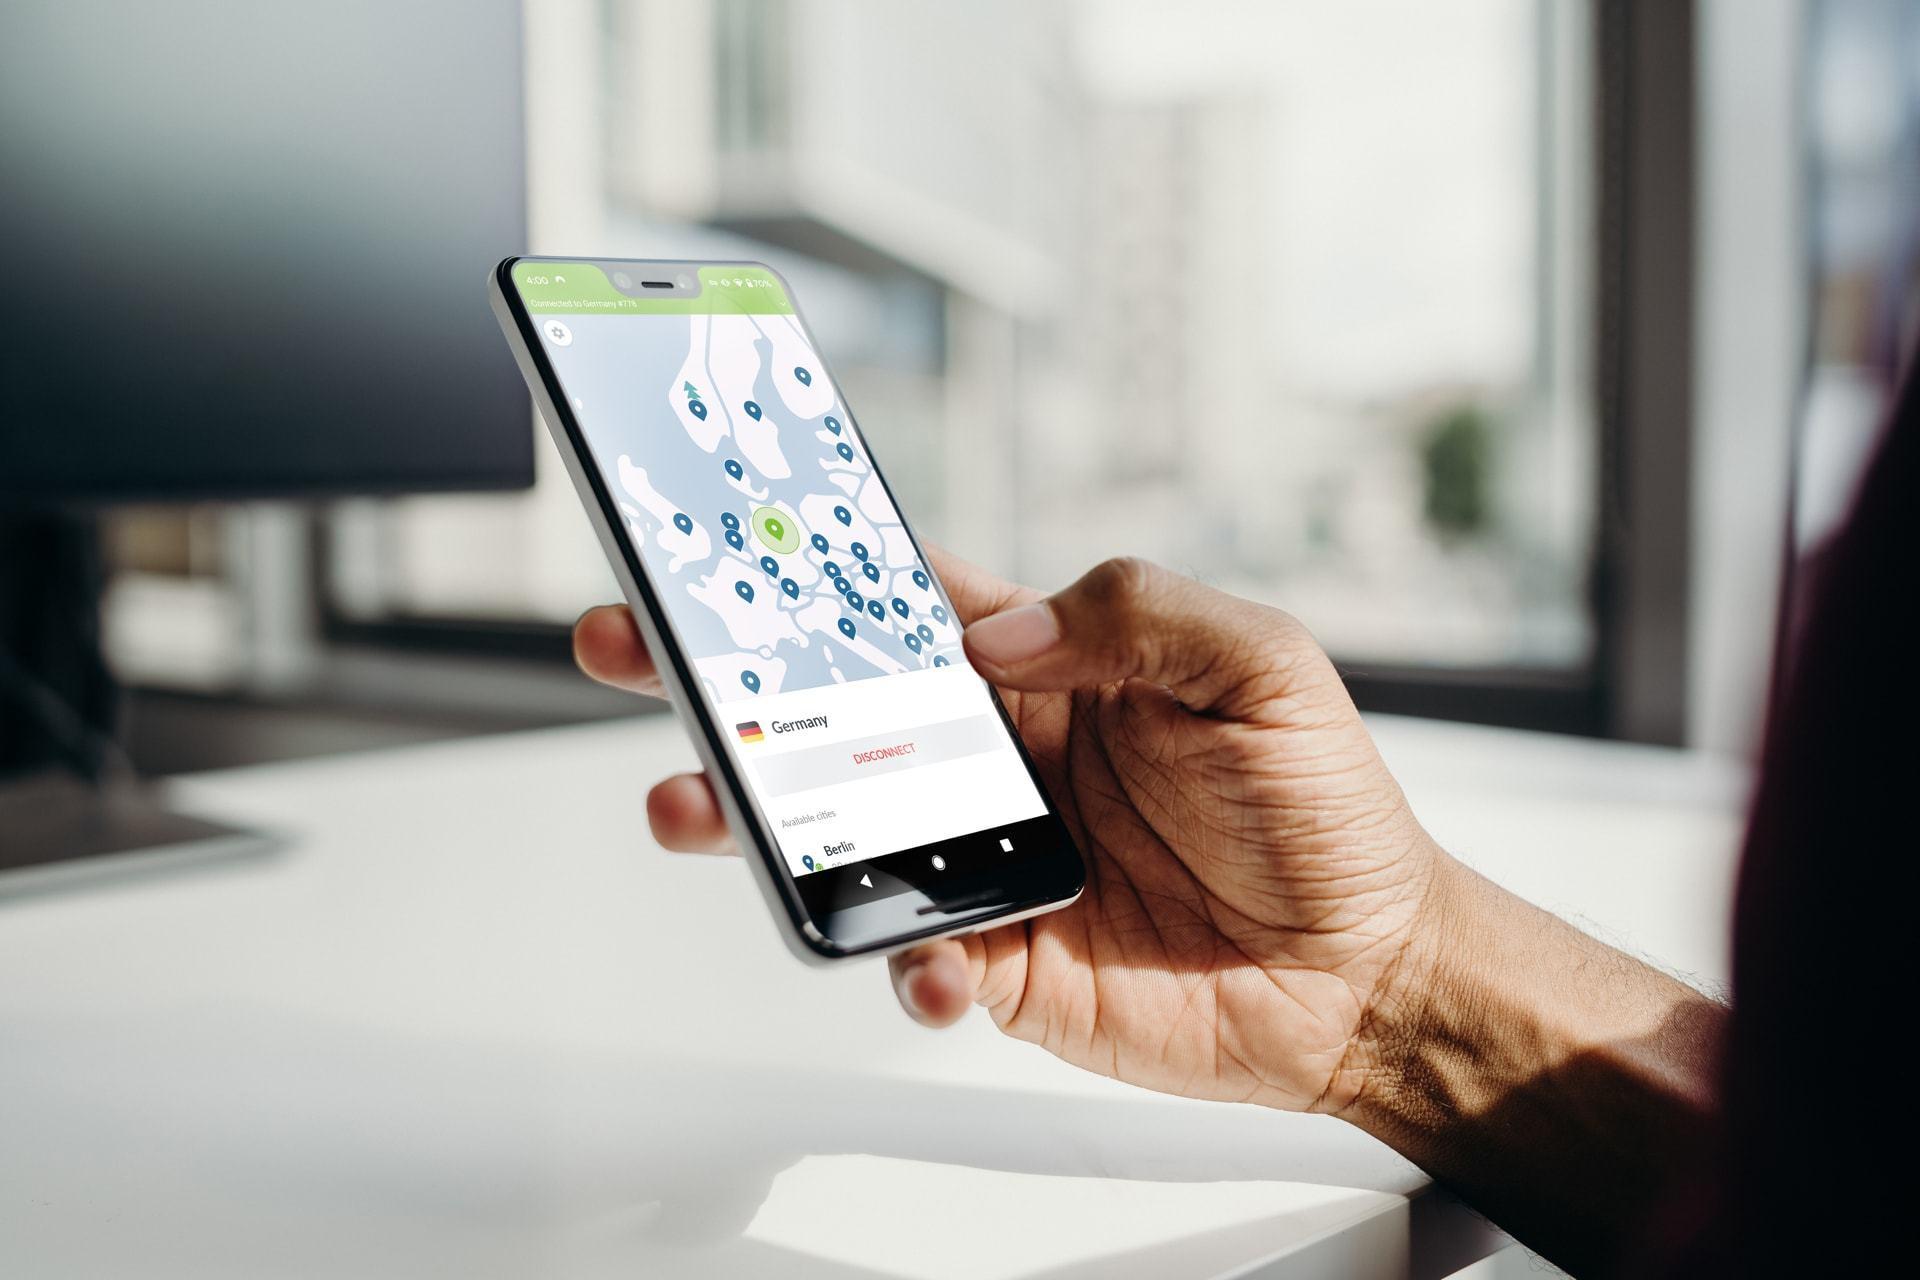 Proteja a sua conexão assinando a NordVPN com 68% de desconto